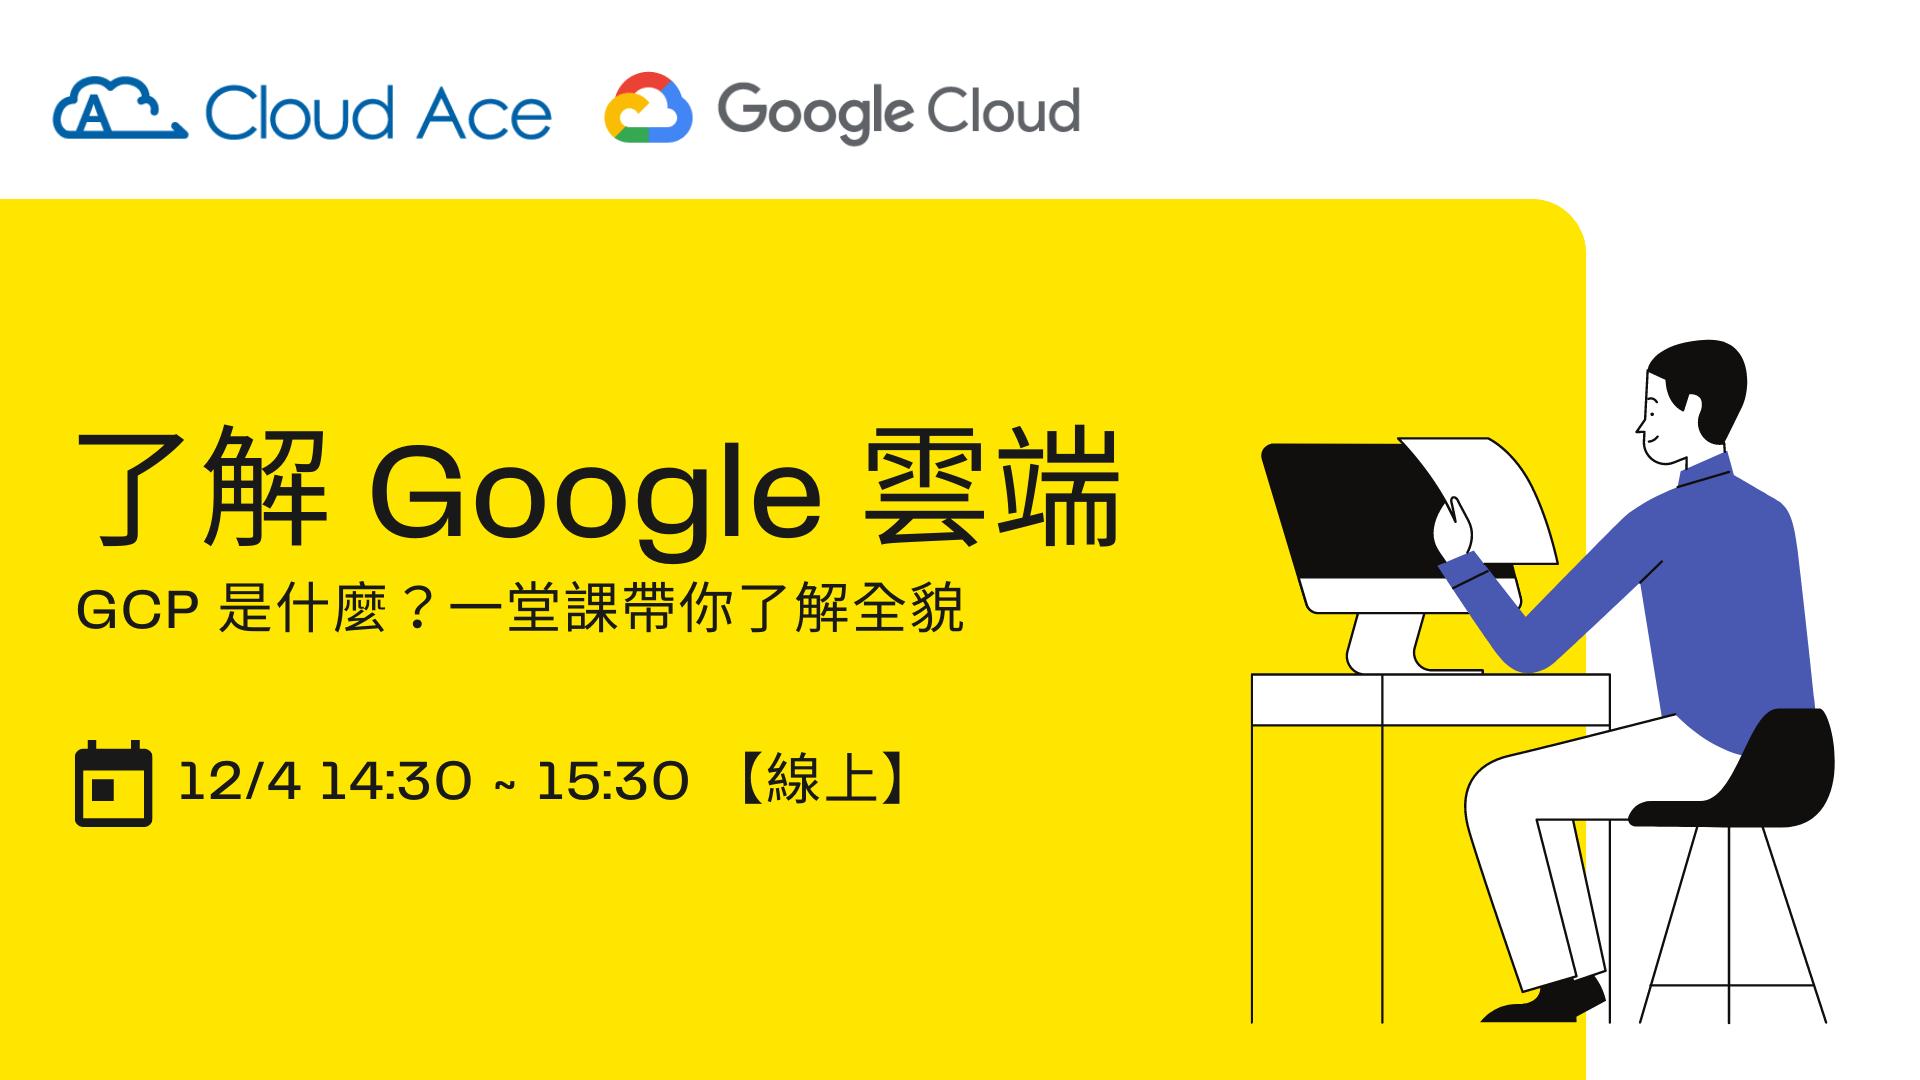 一堂課了解 Google 雲端全貌 - GCP 是什麼